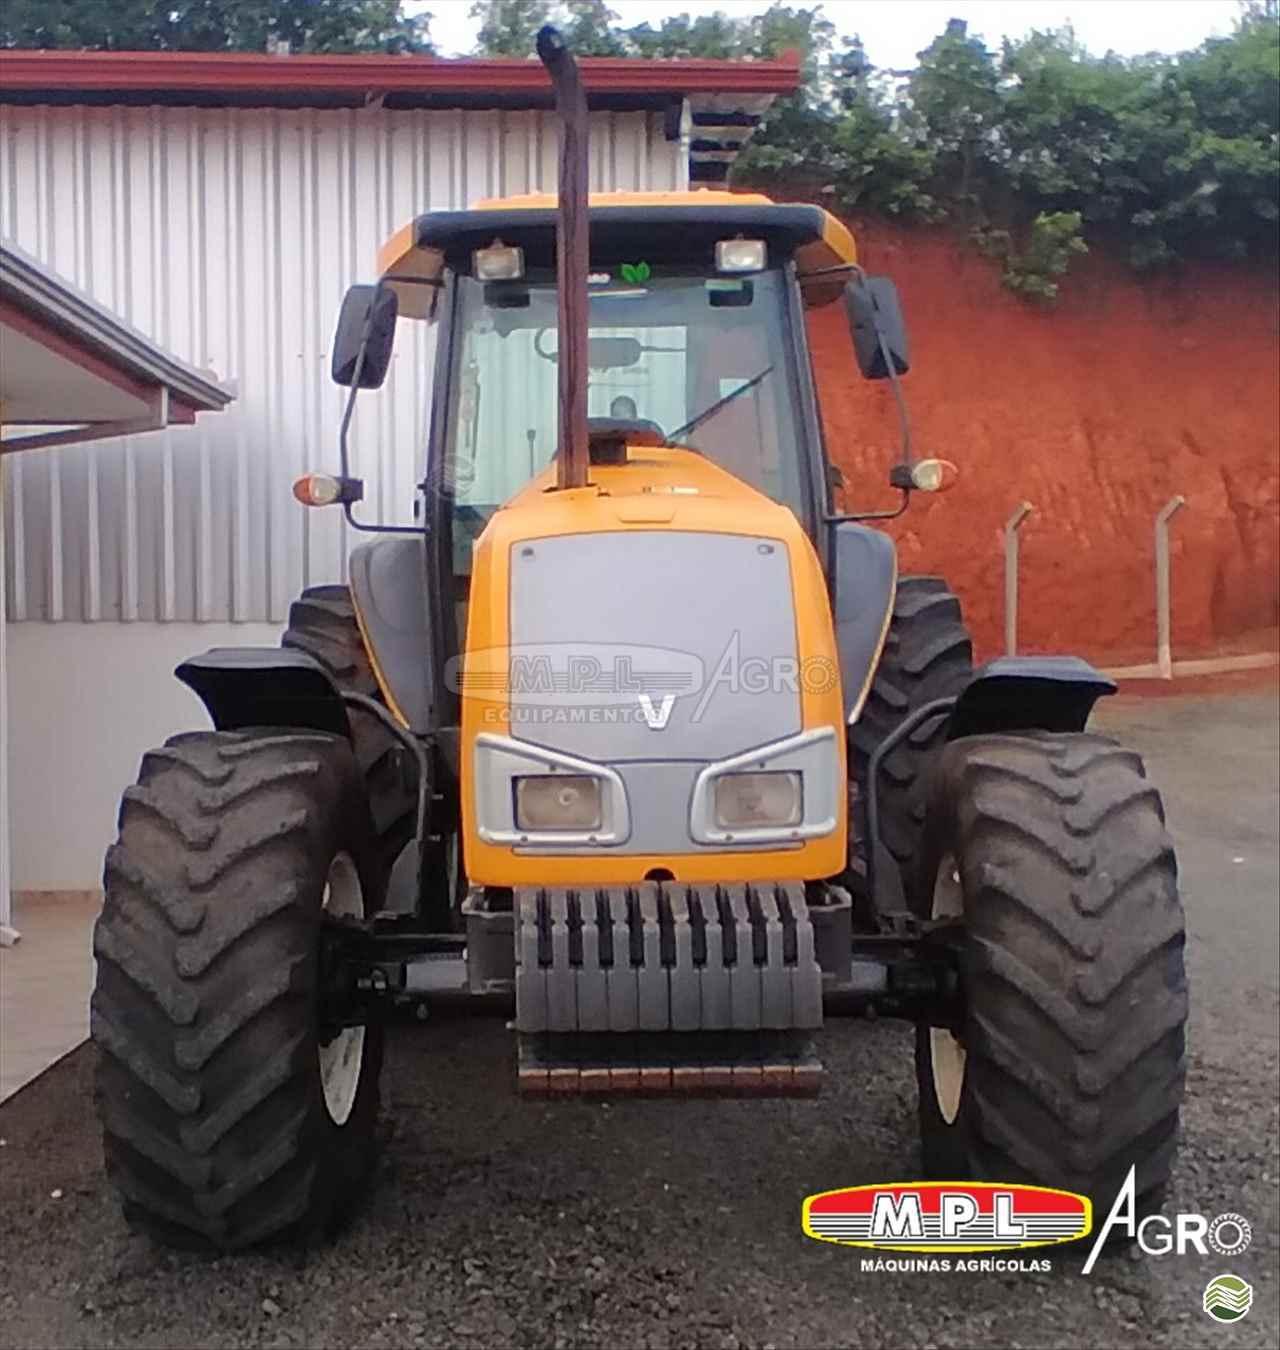 VALTRA VALTRA BM 125  2008/2008 MPL Agro - Máquinas Agrícolas